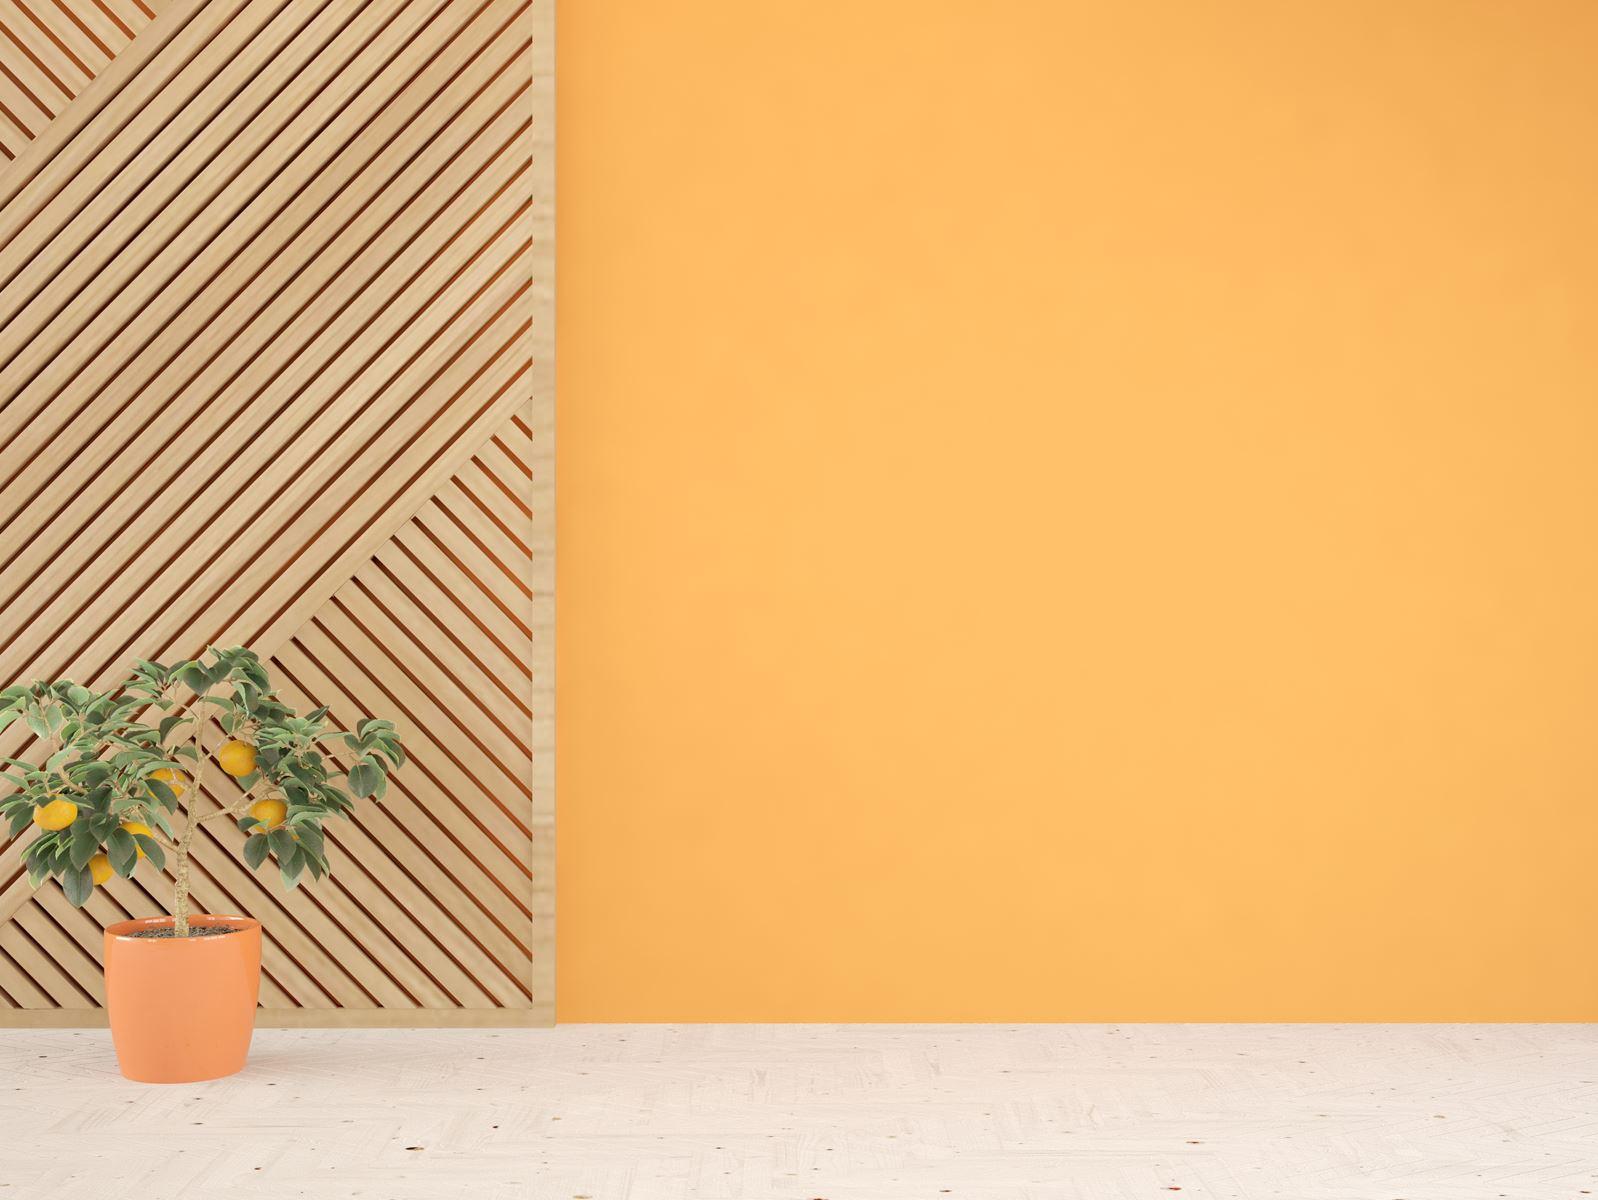 Hãy thử dùng sơn màu cam cho những bức tường phòng khách, bạn sẽ cảm nhận được những điều thú vị